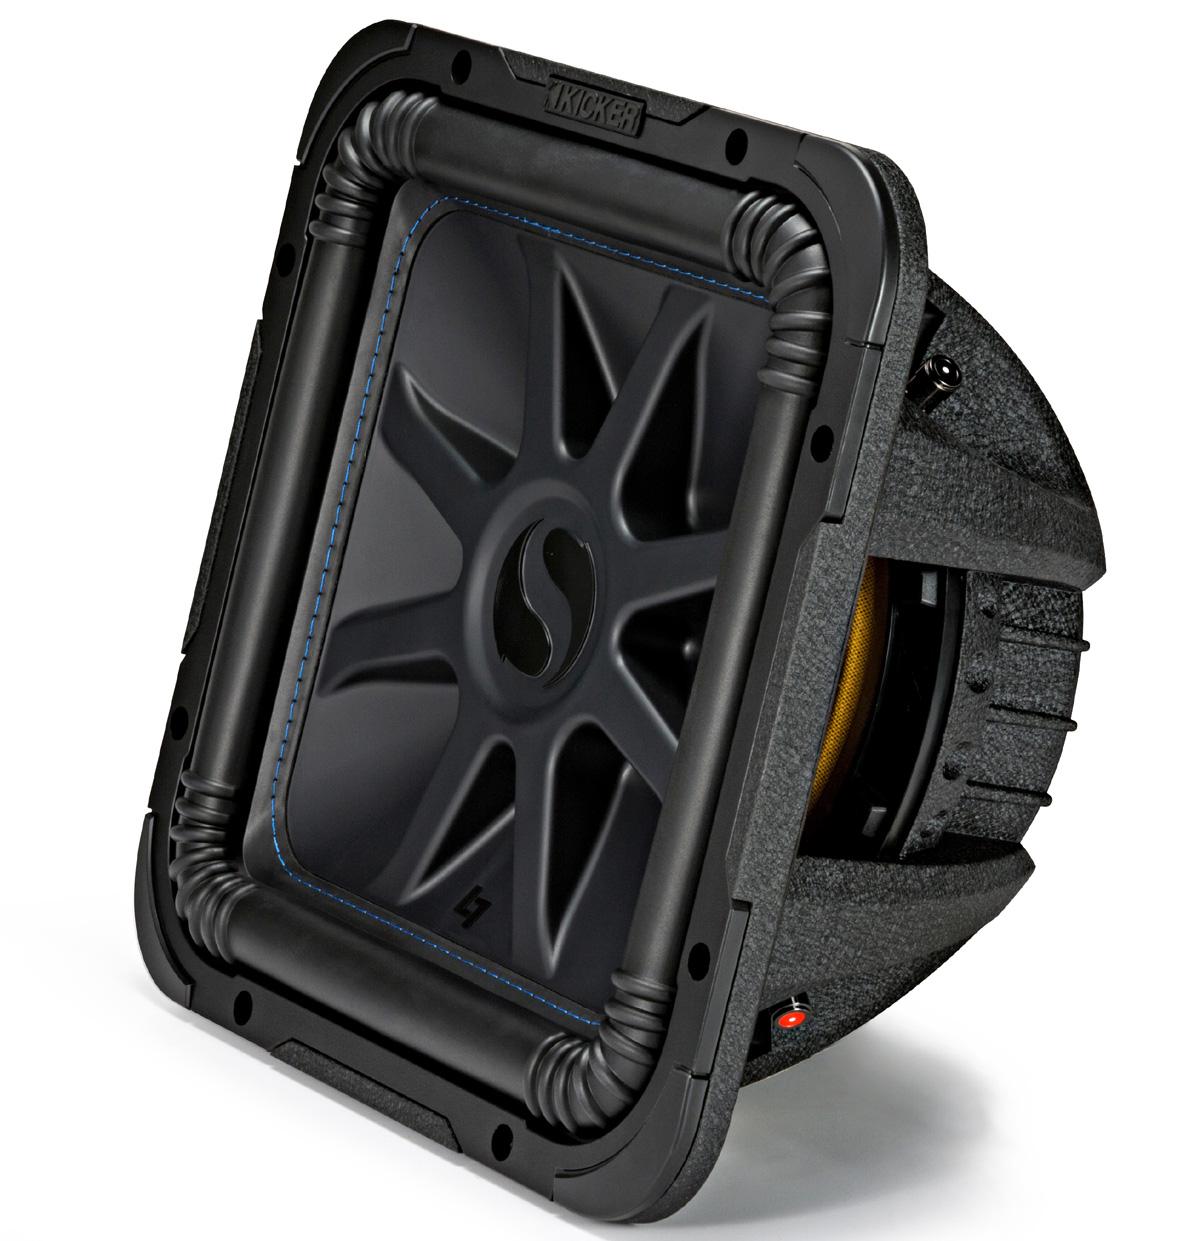 Kicker L7S12 Car Audio Solo-Baric 12 Subwoofer Square L7 Dual 4 Ohm Sub 44L7S124